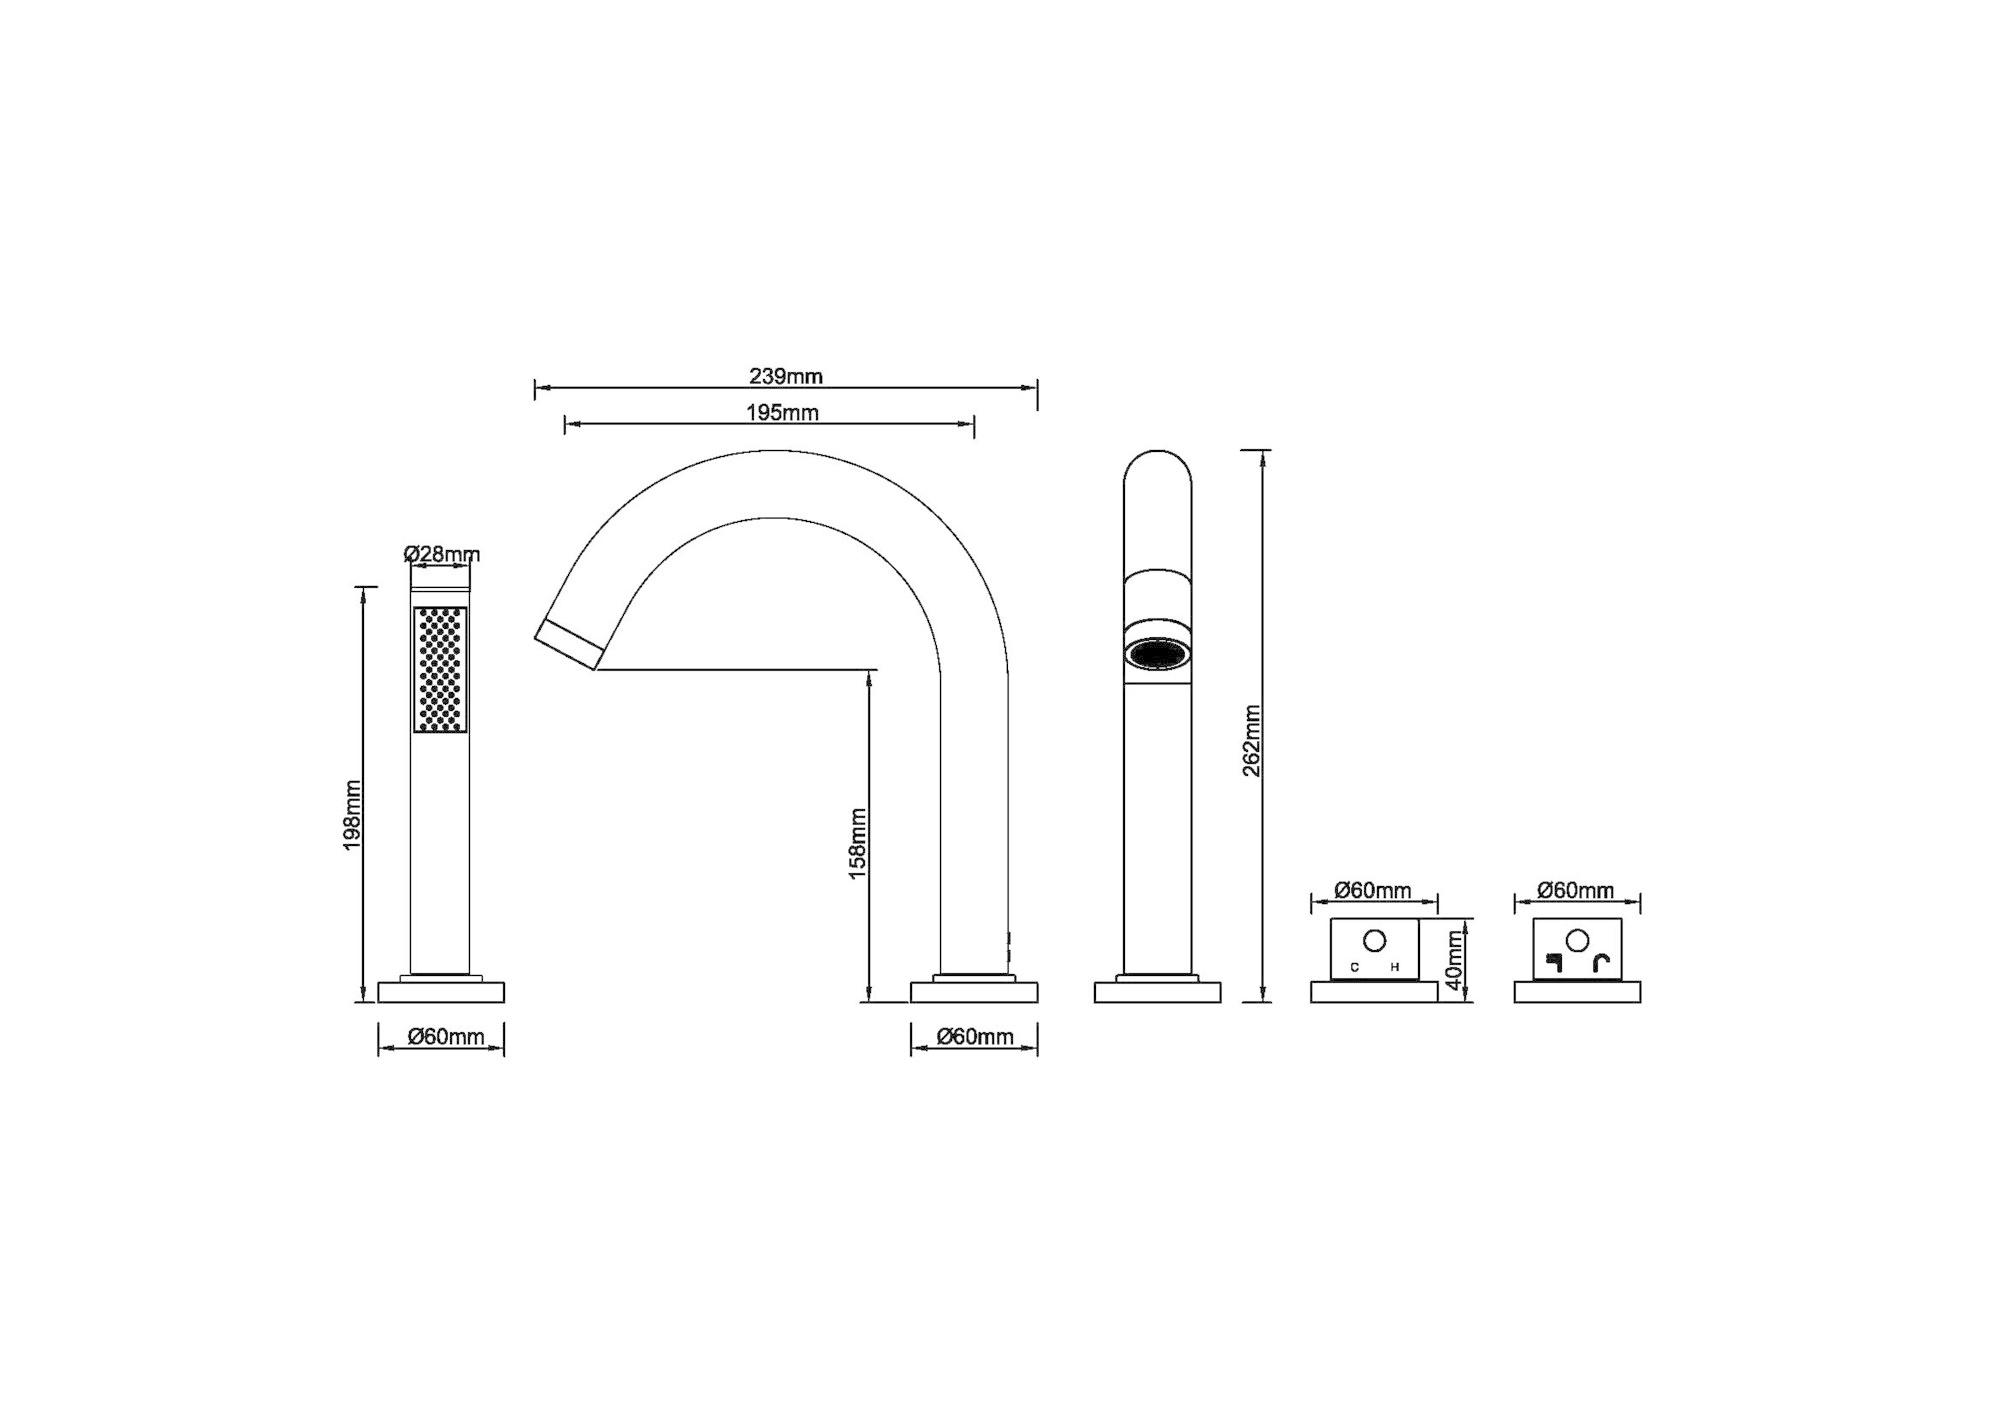 Wiesbaden Caral 4-gats badrandthermostaat afbouwset geborsteld koper